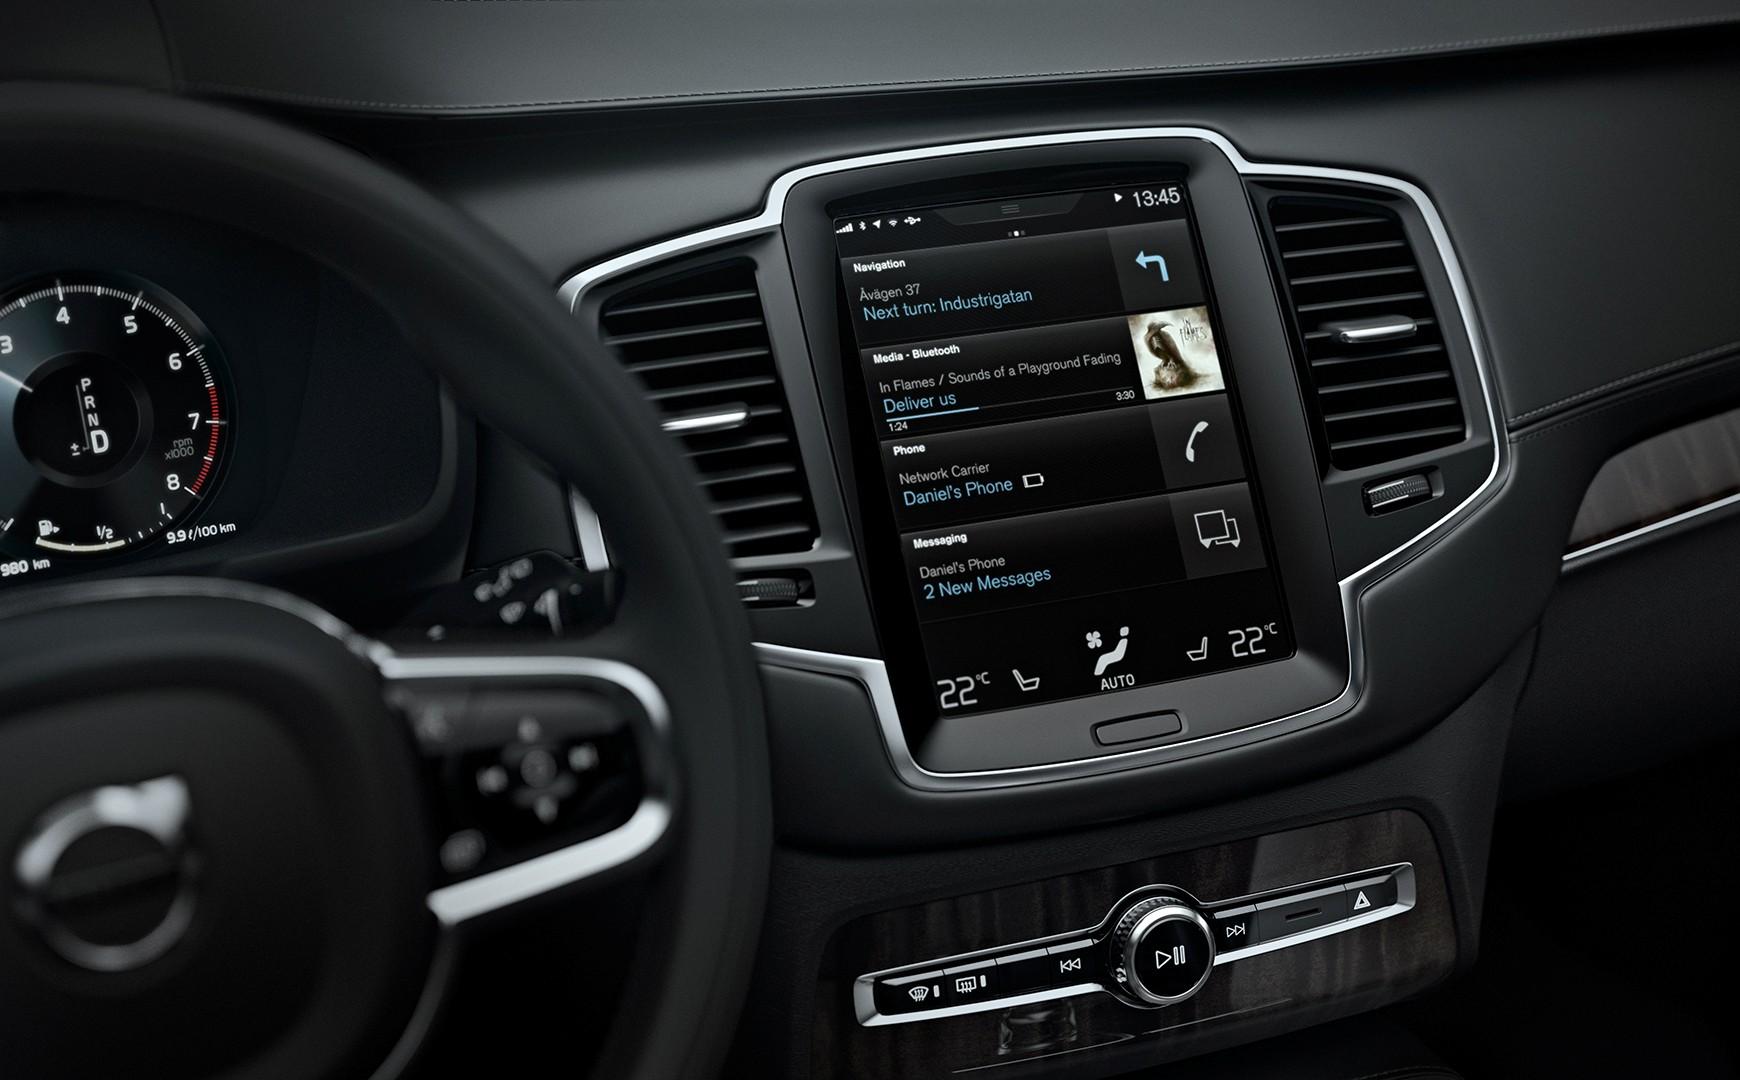 Nuova Volvo XC90 e l'esperienza di guida a bordo